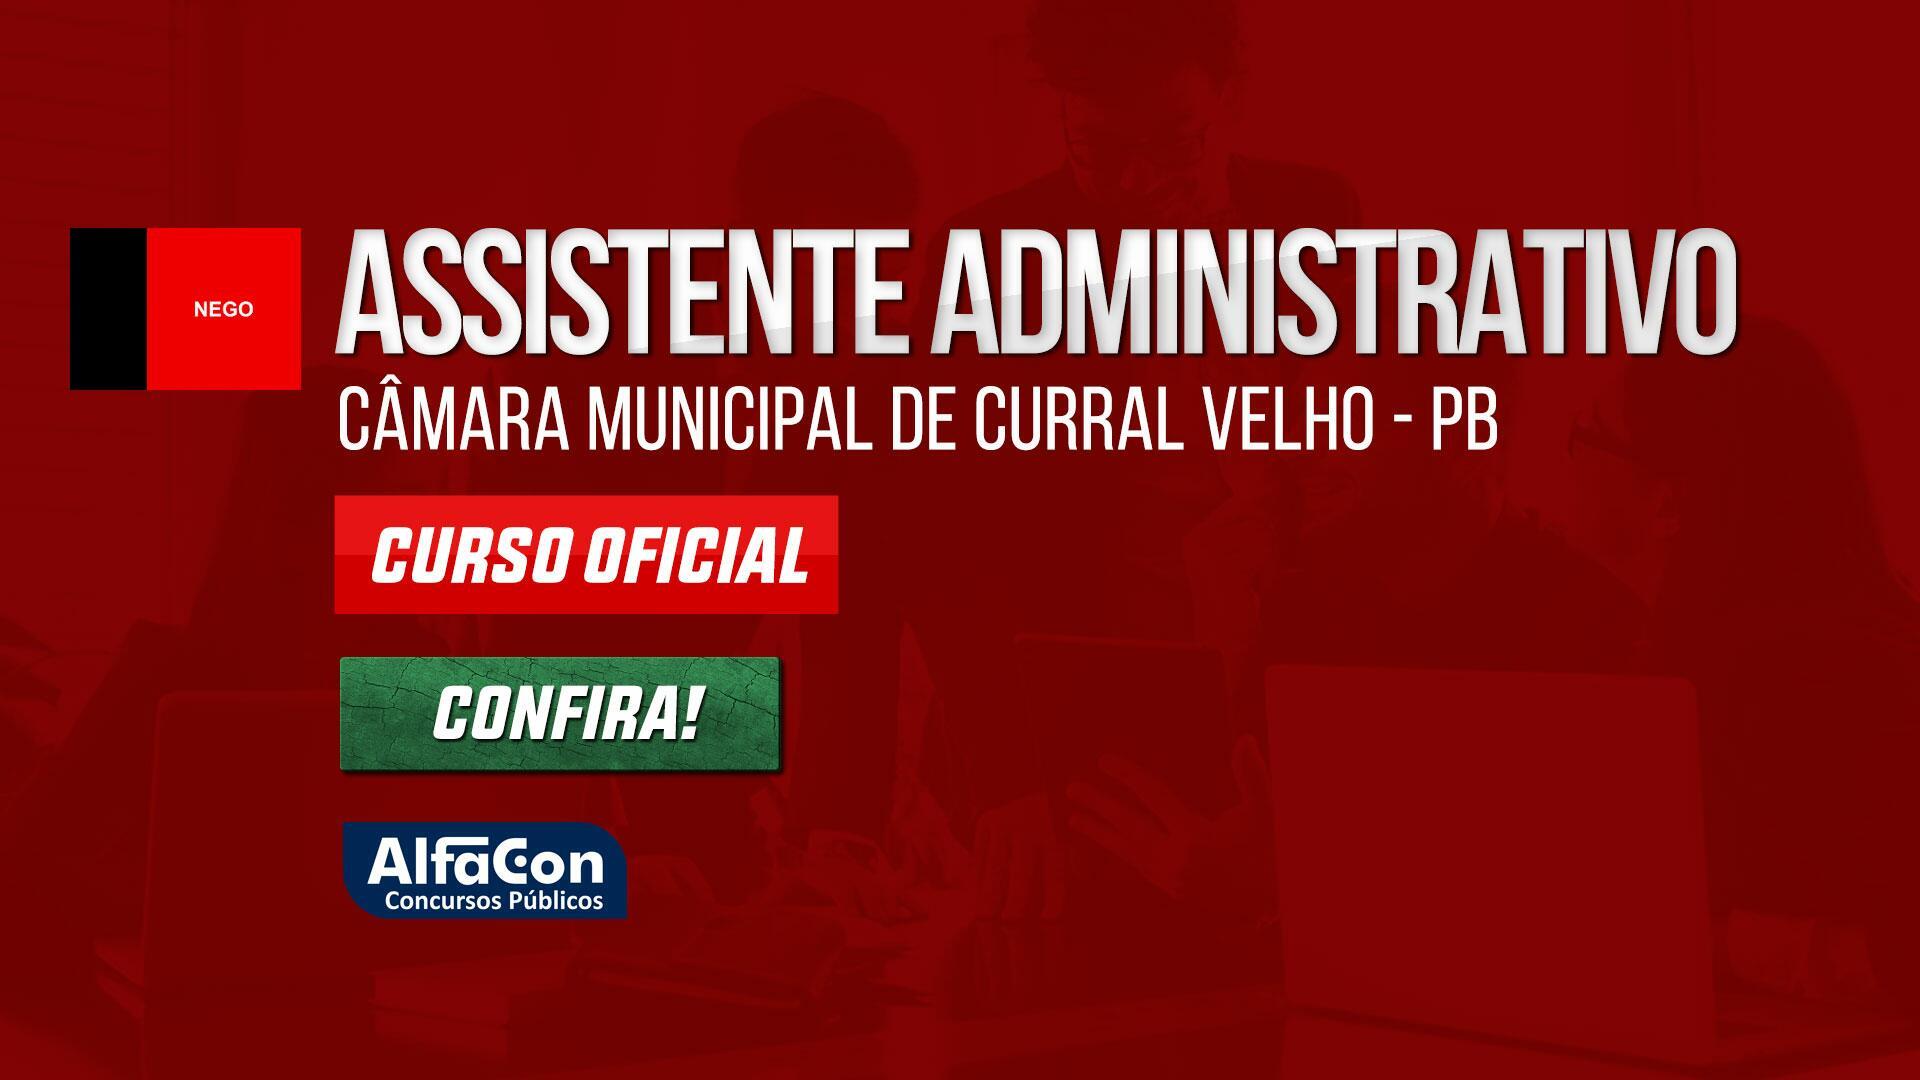 ASSISTENTE ADMINISTRATIVO DA CÂMARA MUNICIPAL DE CURRAL VELHO - PB